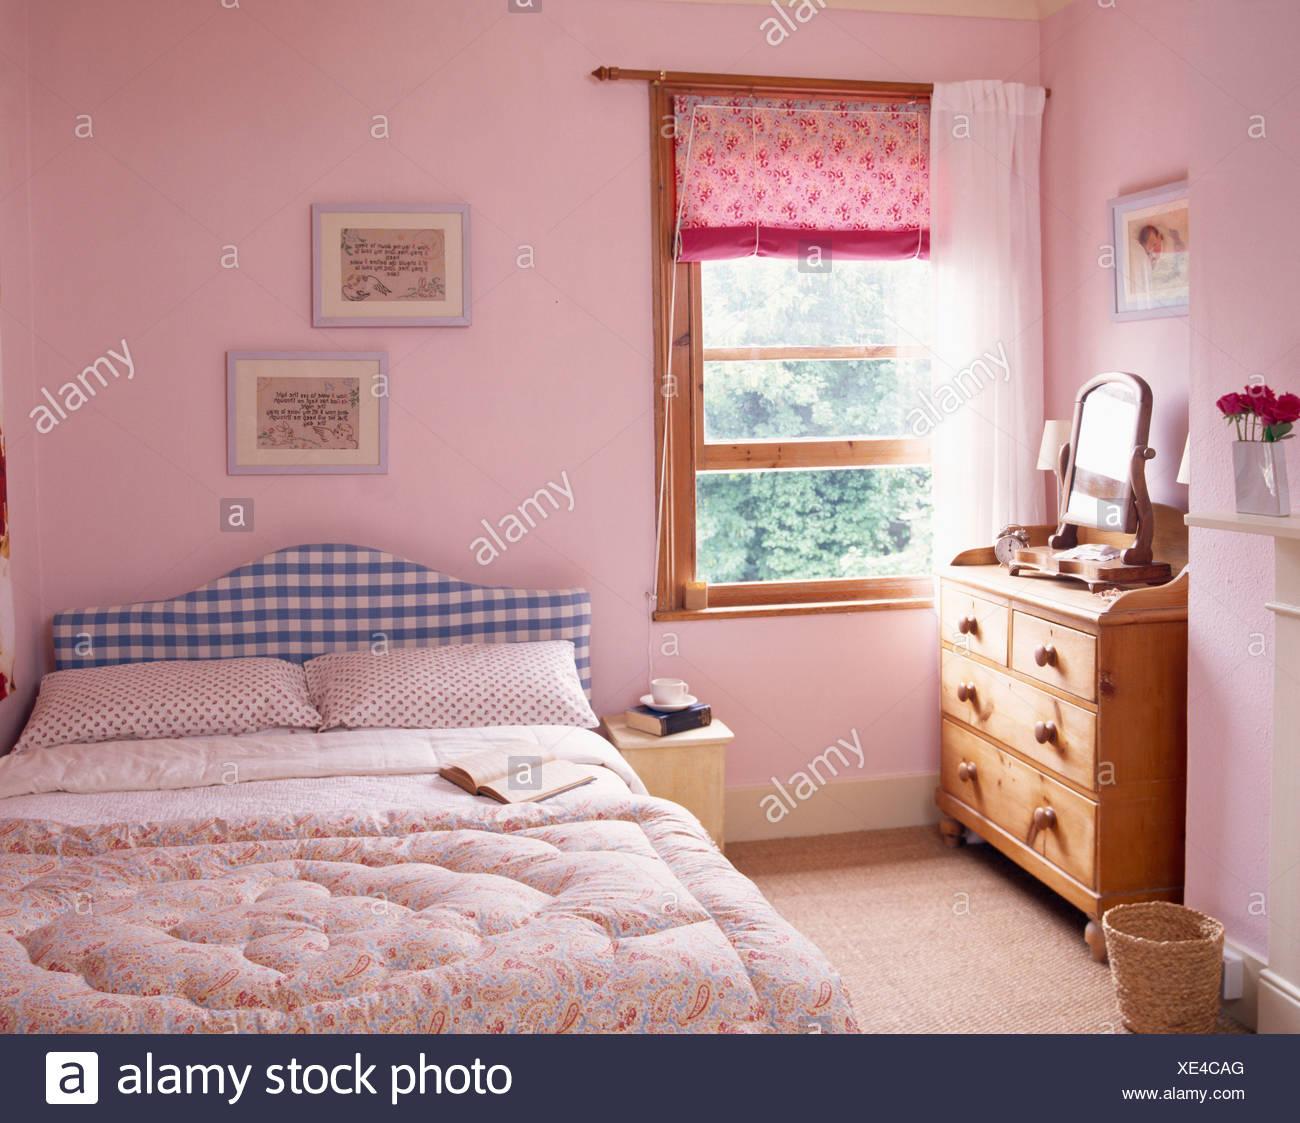 Rosa Blind Und Weißen Vorhang Am Fenster In Pastell Rosa Land Schlafzimmer  Mit Rosa Eiderdaune Auf Bett Mit Blauen Aufgegebenes Kopfteil